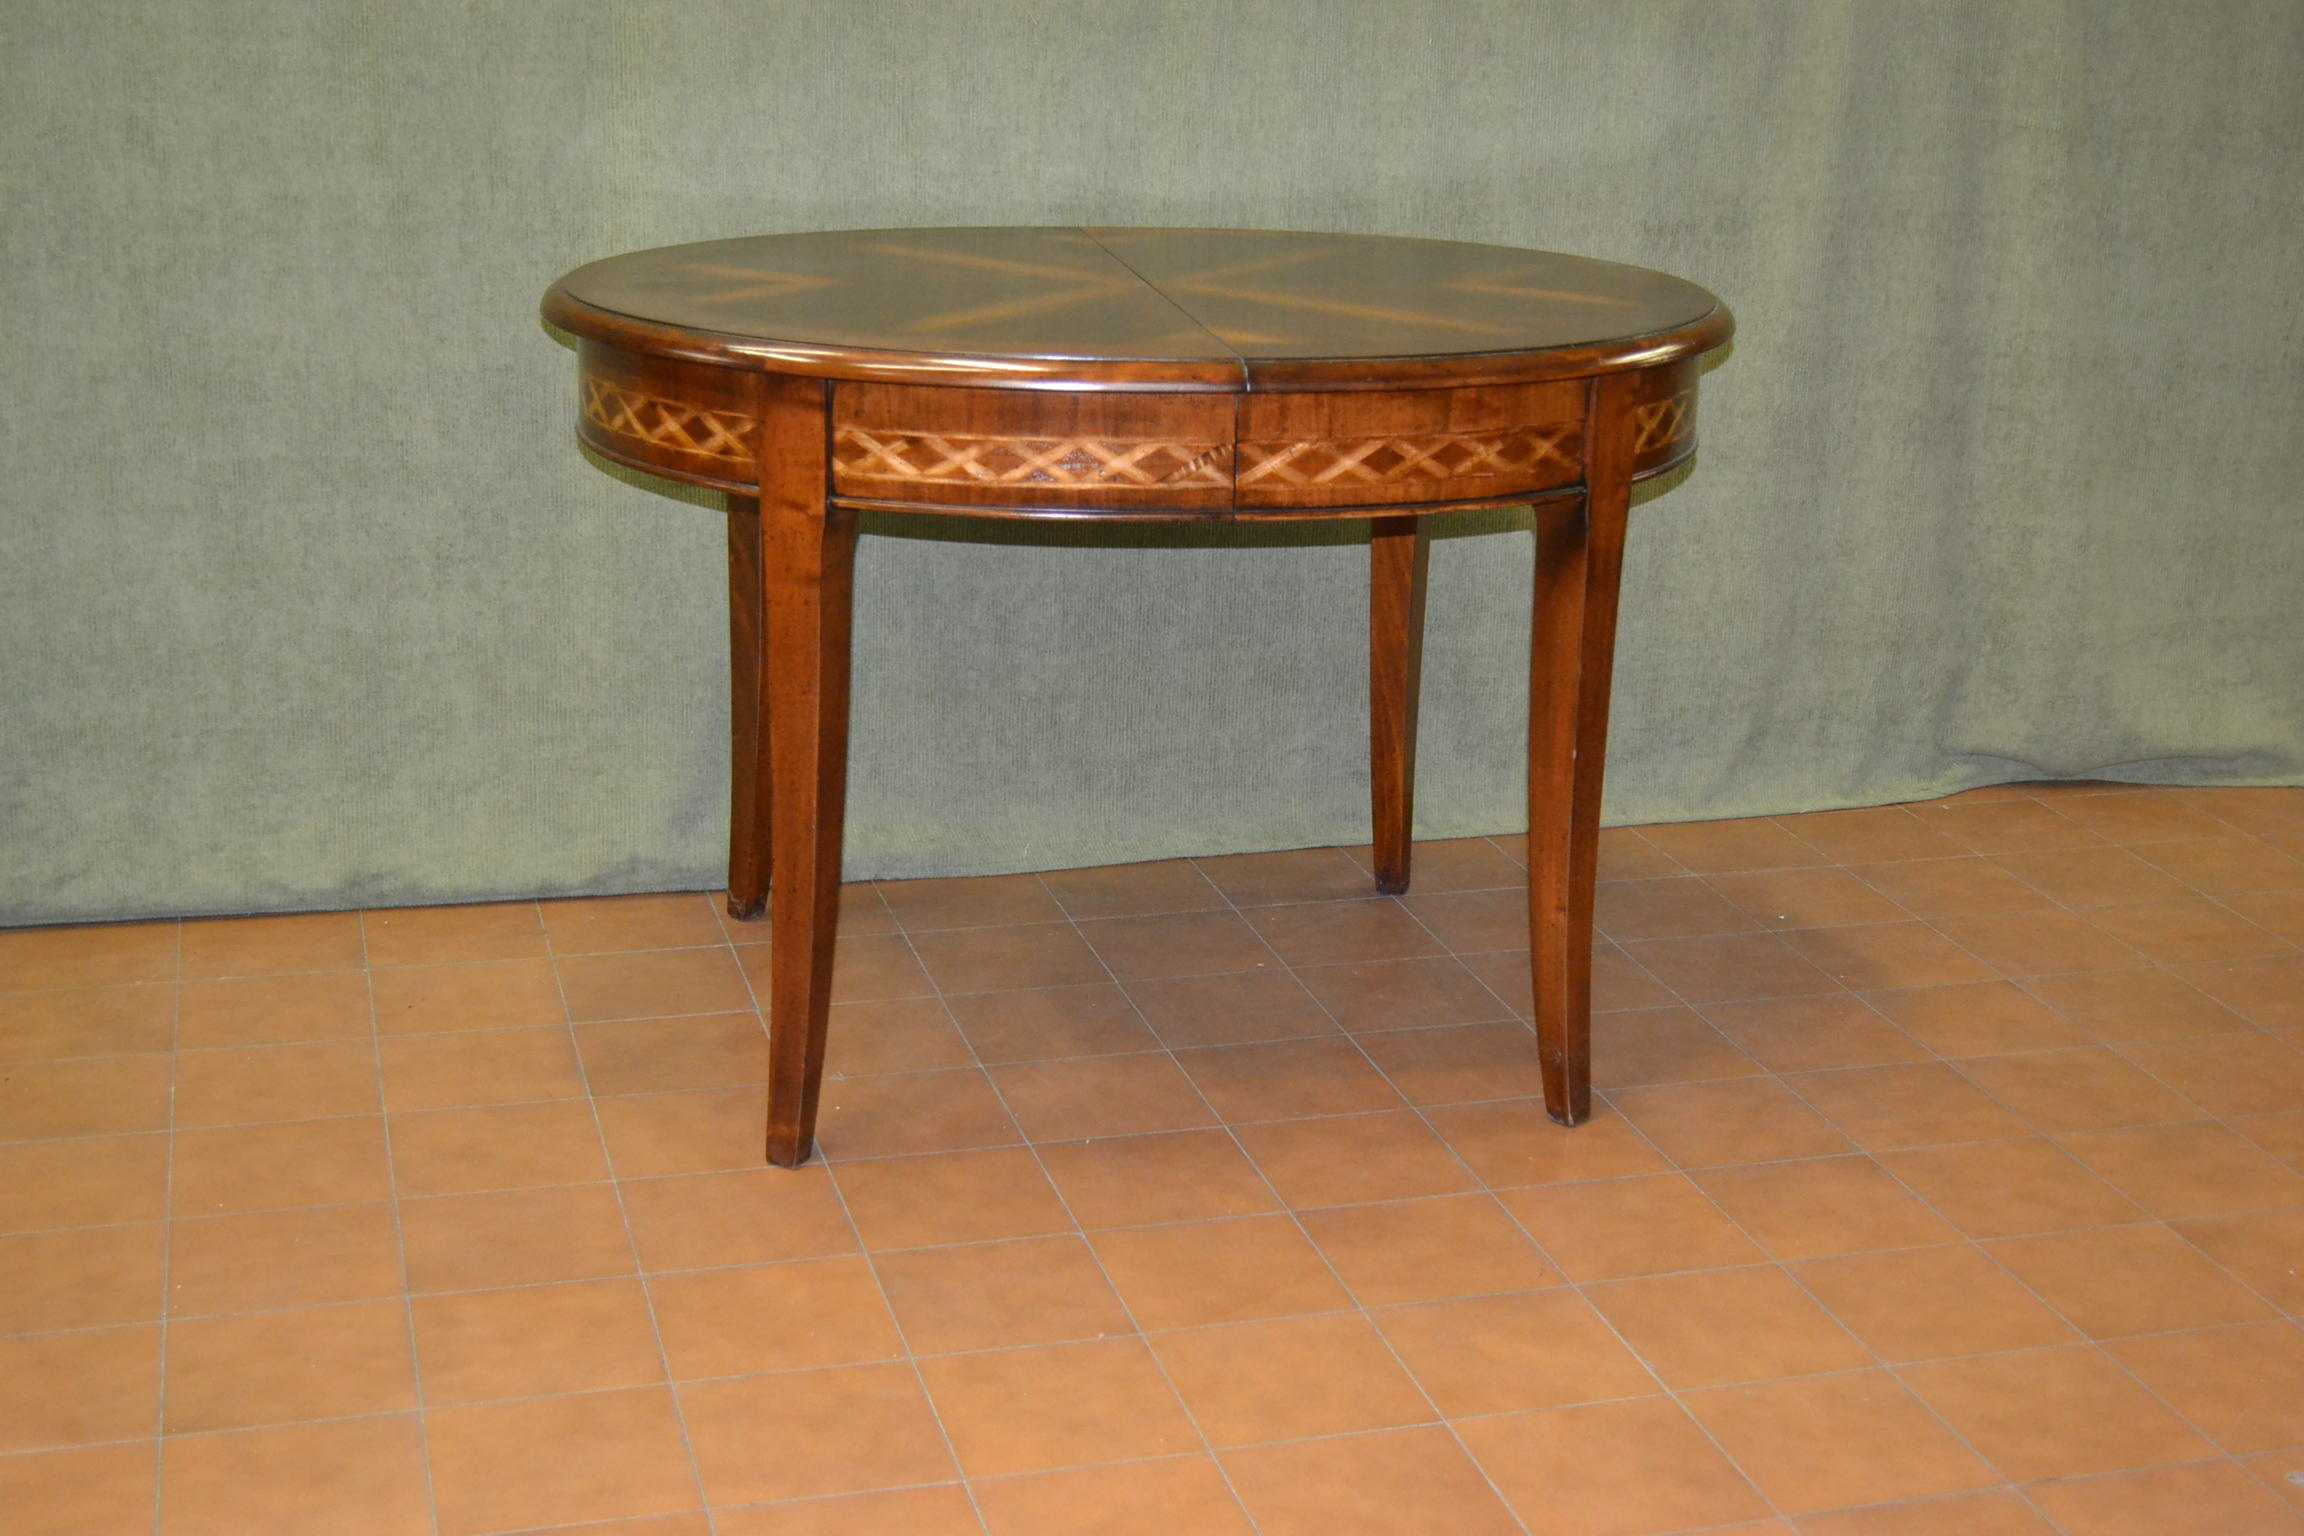 Tavolo ovale allungabile con intarsio sul bordo sotto - Mollettone per stirare sul tavolo ...